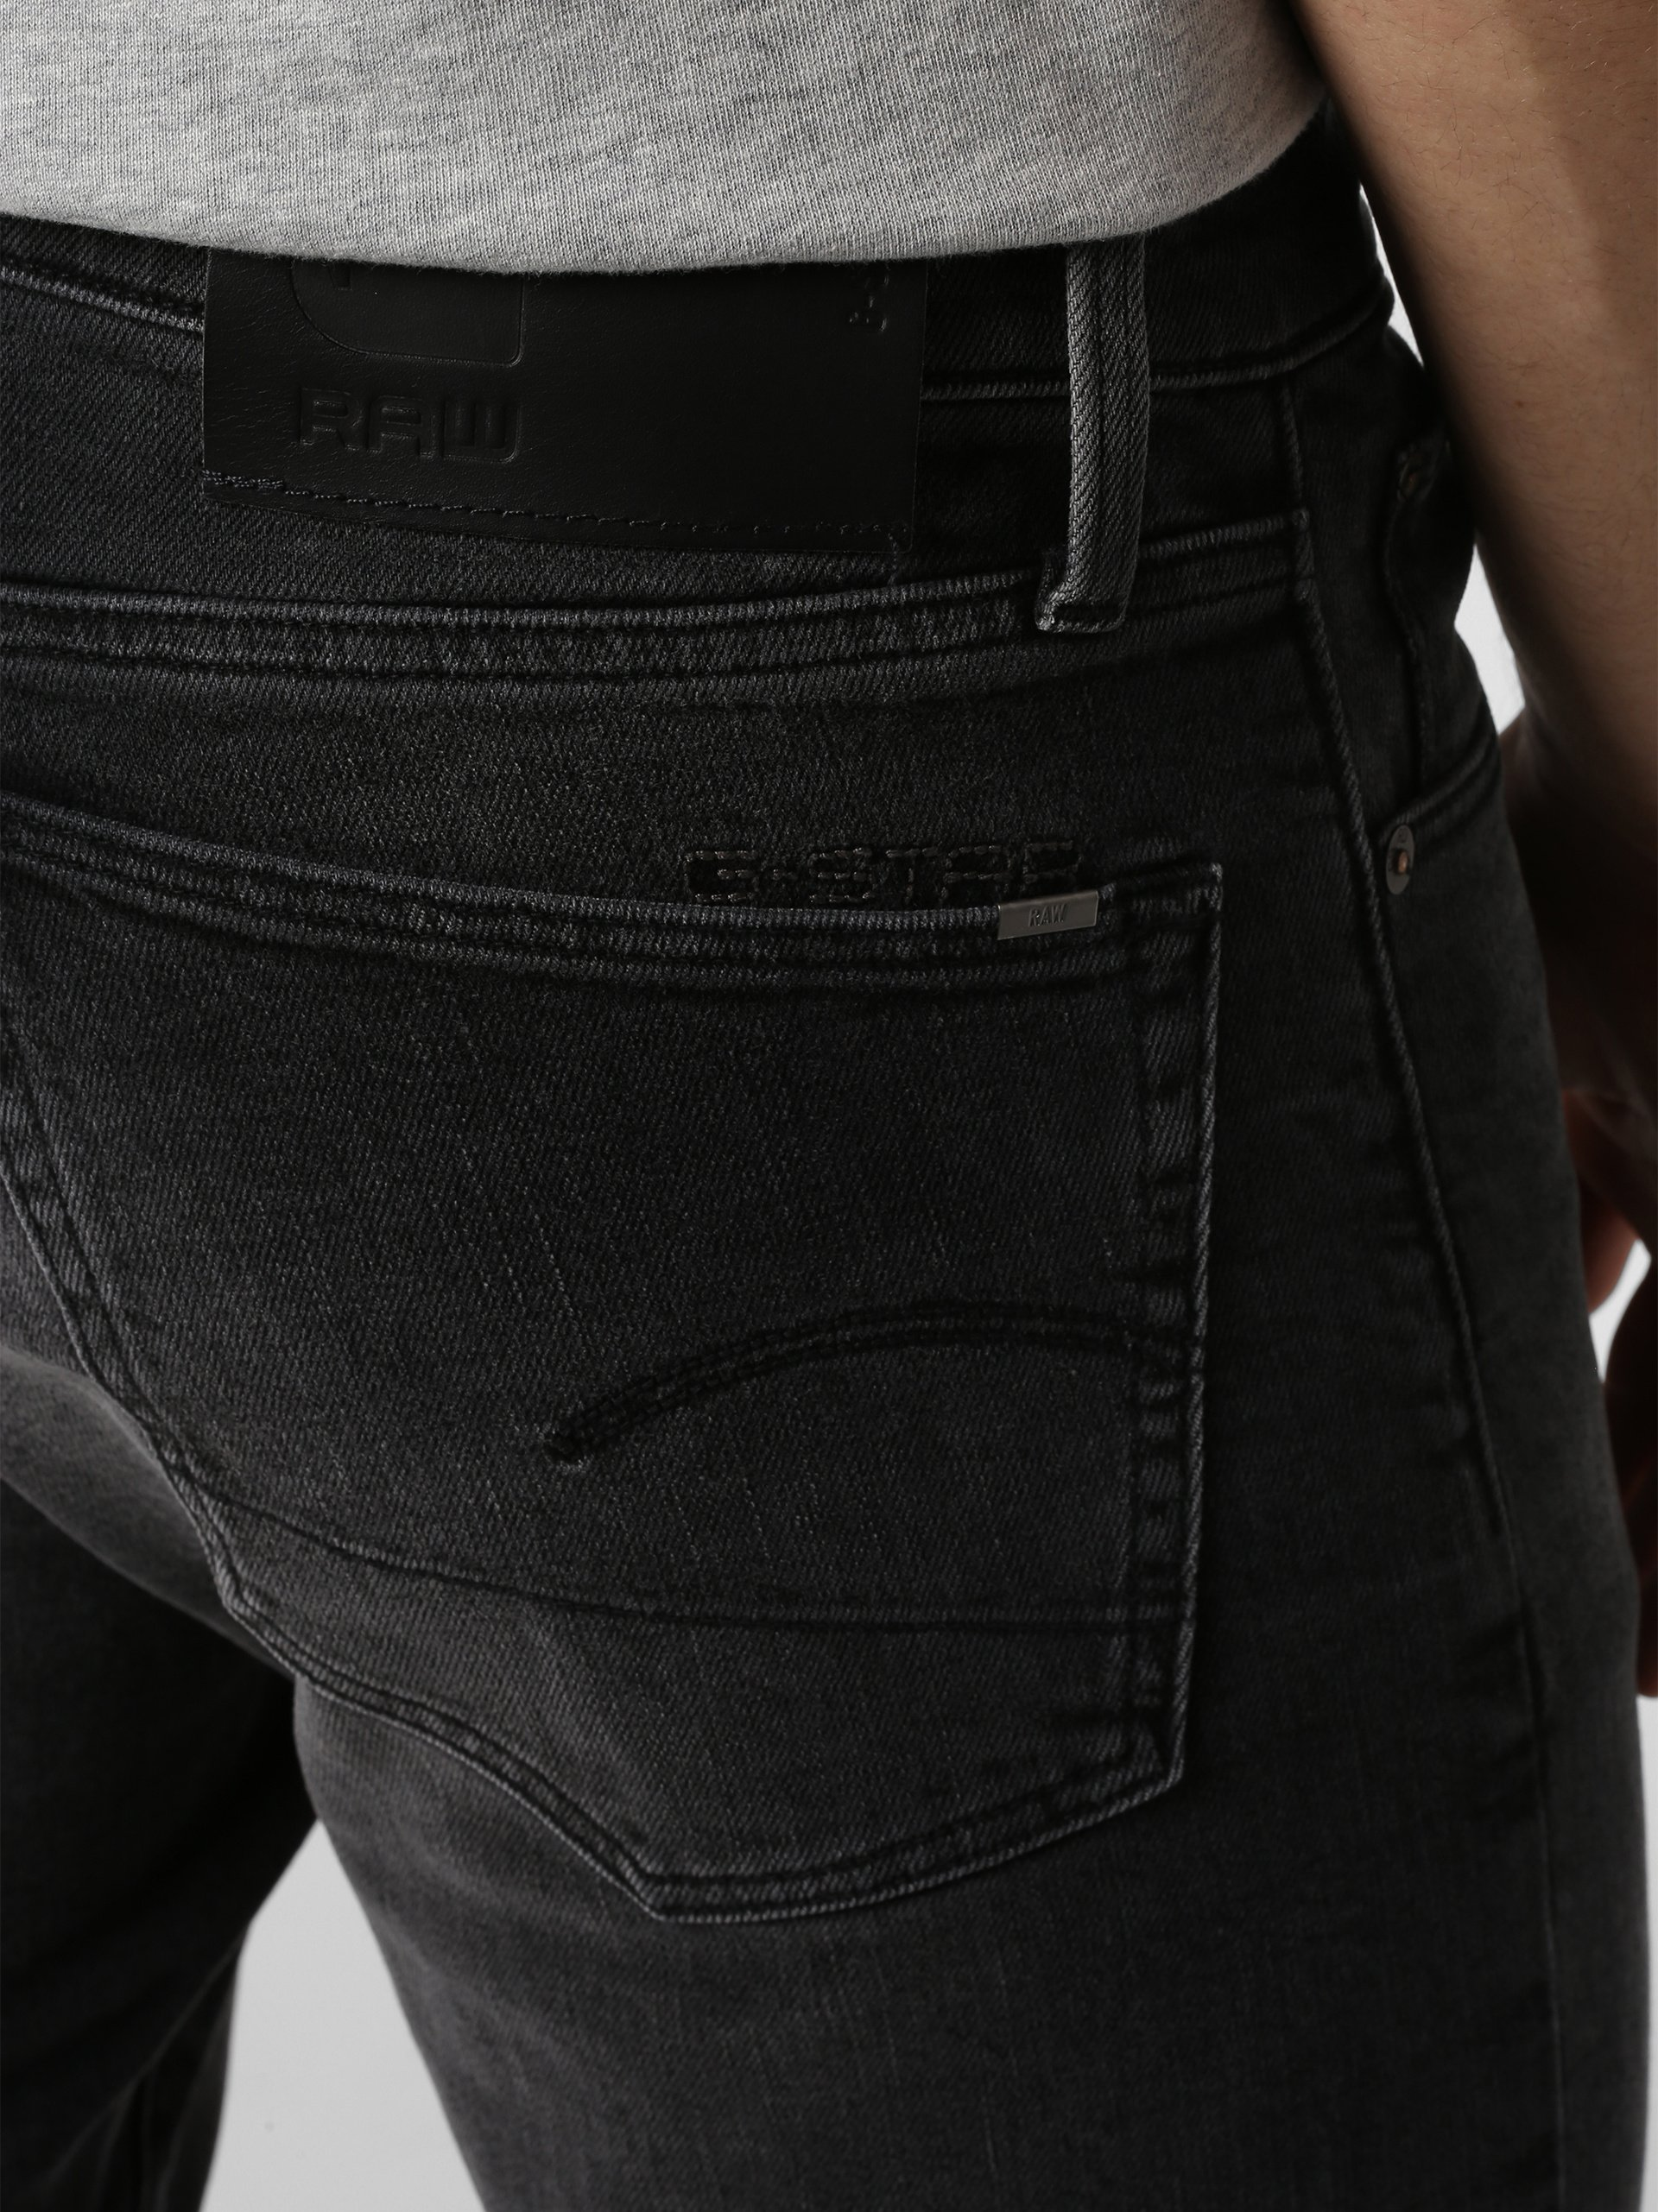 G-Star RAW Herren Jeans - 3301